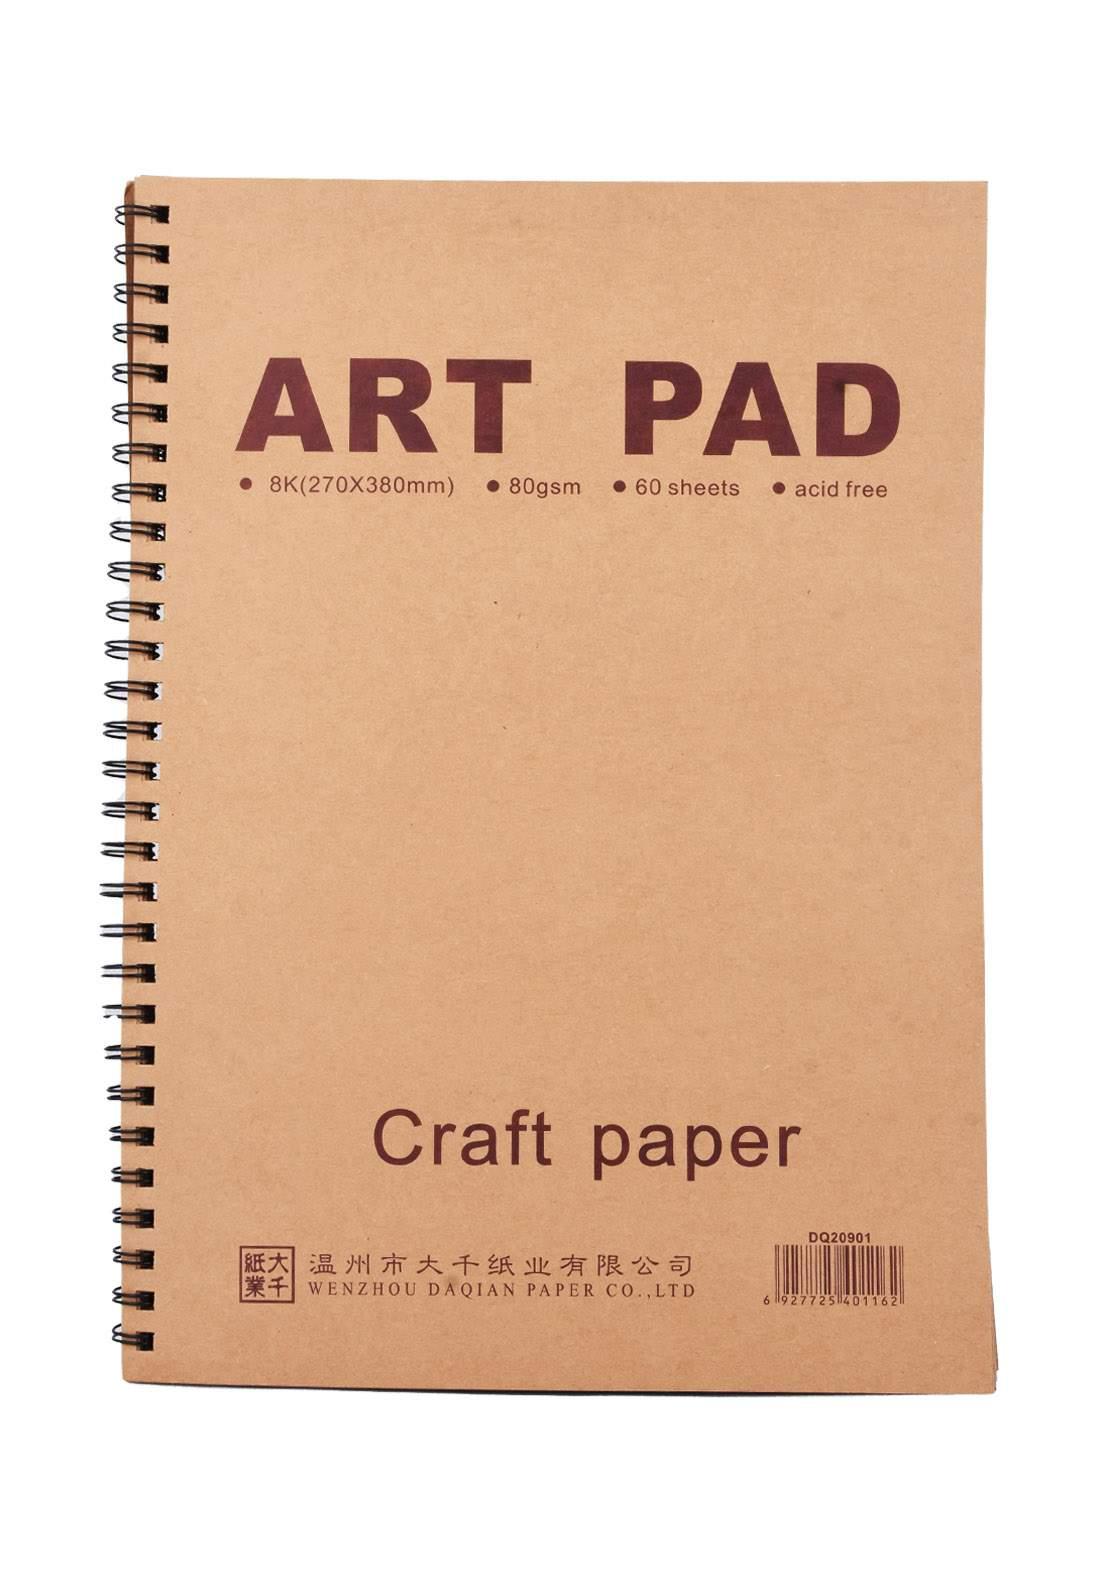 Art pad Craft Paper(20901) 60 Sheets دفتر رسم سيم  60 ورقة